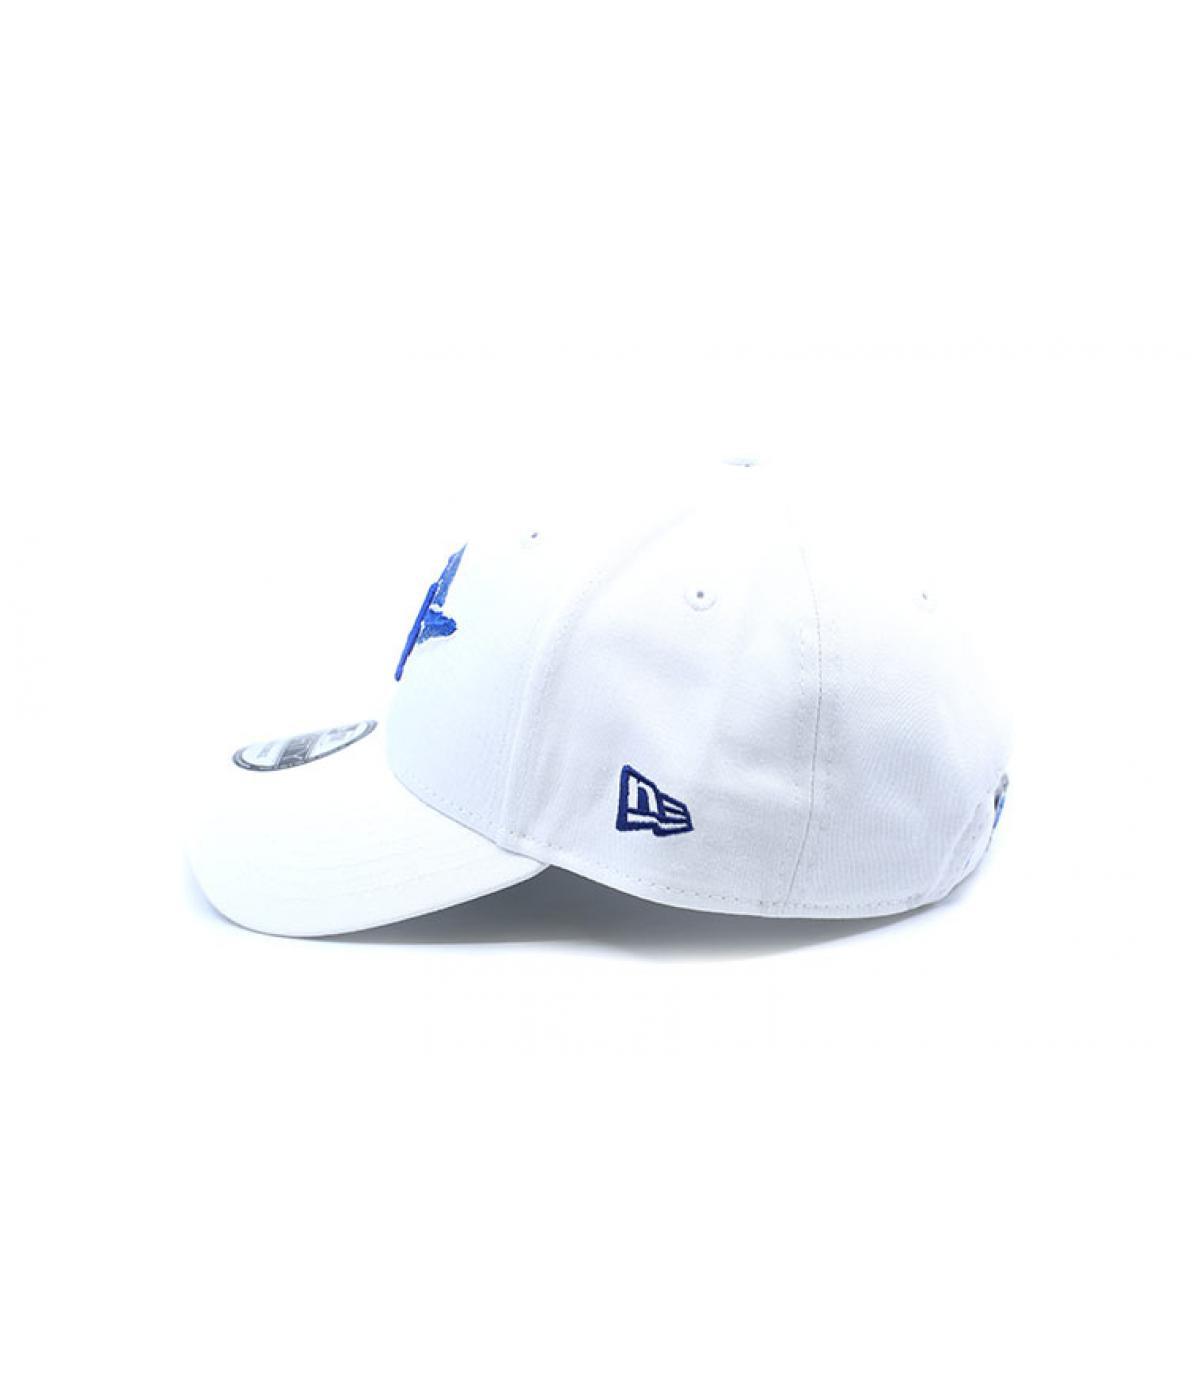 Détails Casquette MLB Light Weight LA 9Forty white blue - image 6